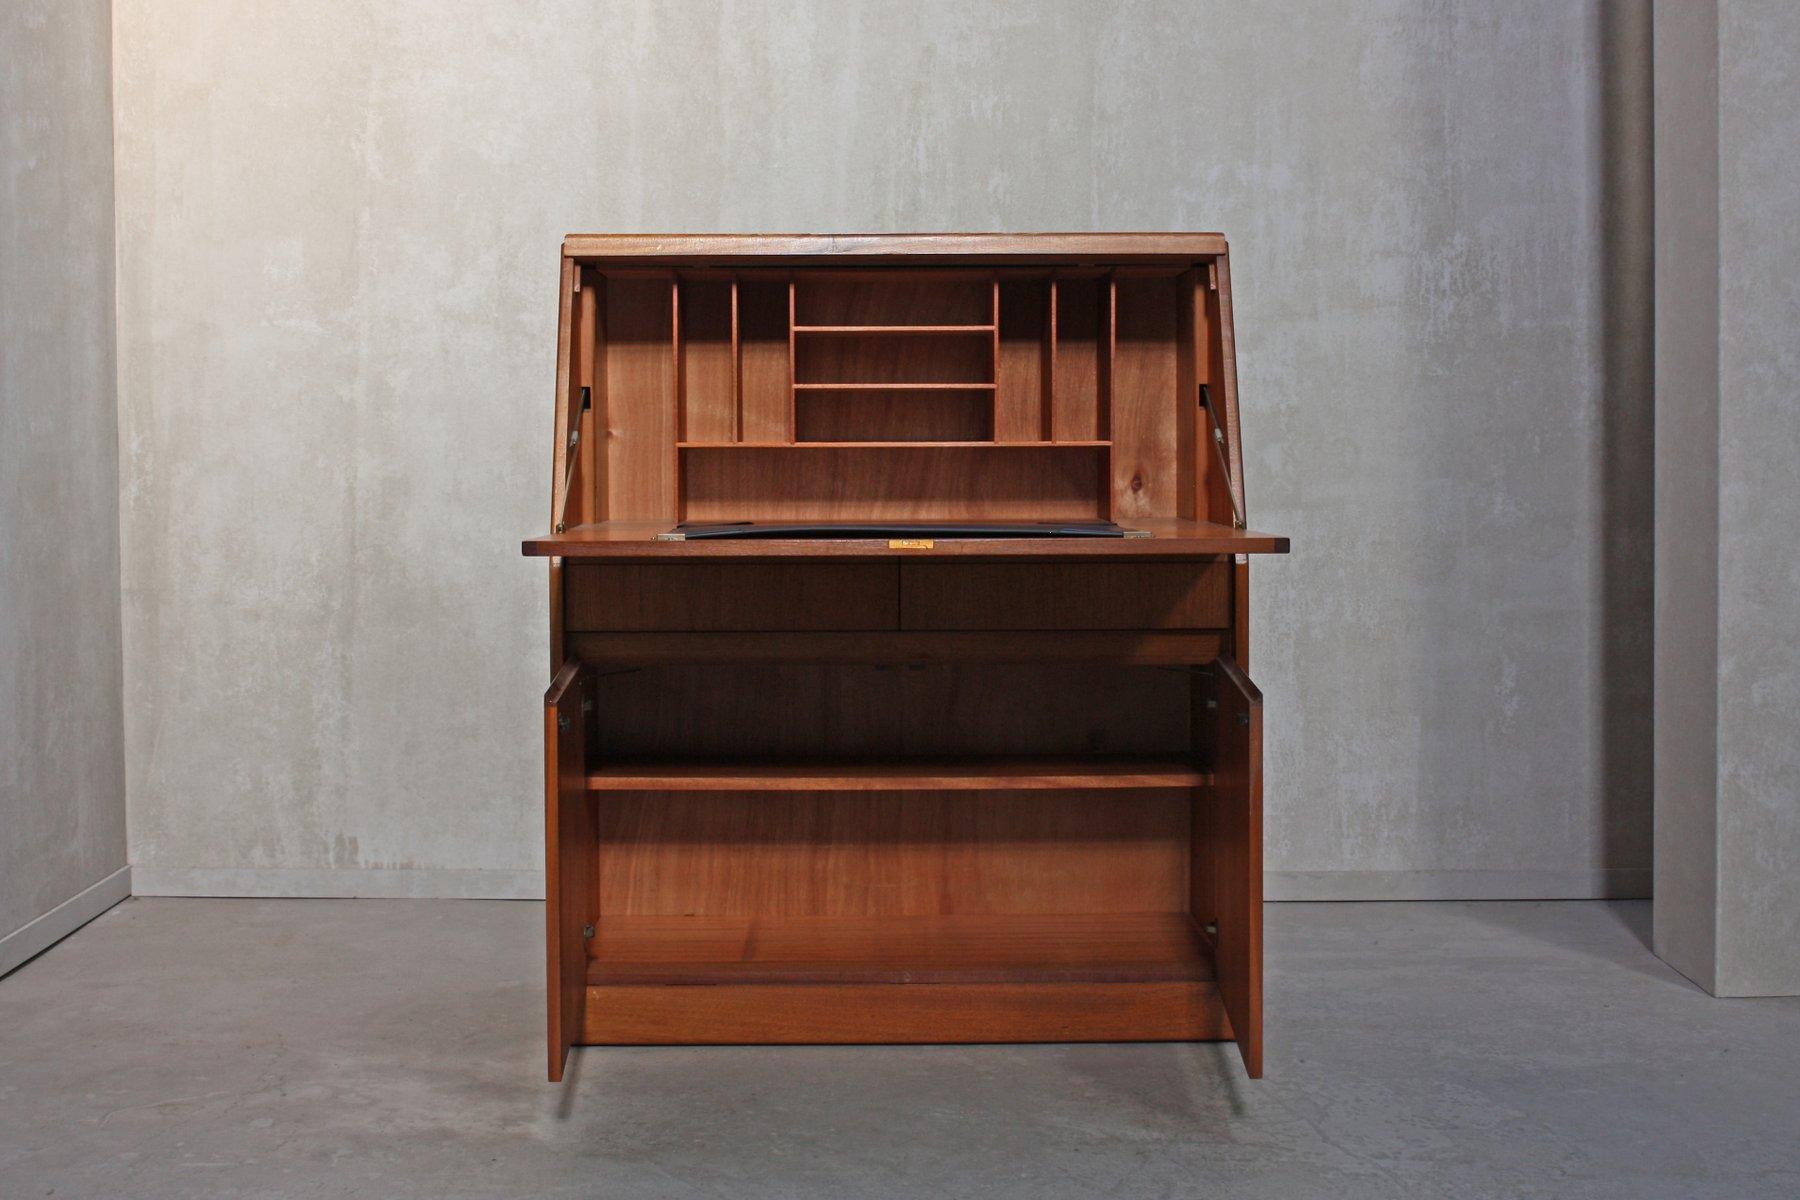 englischer mid century teak sekret r von remploy 1960er bei pamono kaufen. Black Bedroom Furniture Sets. Home Design Ideas